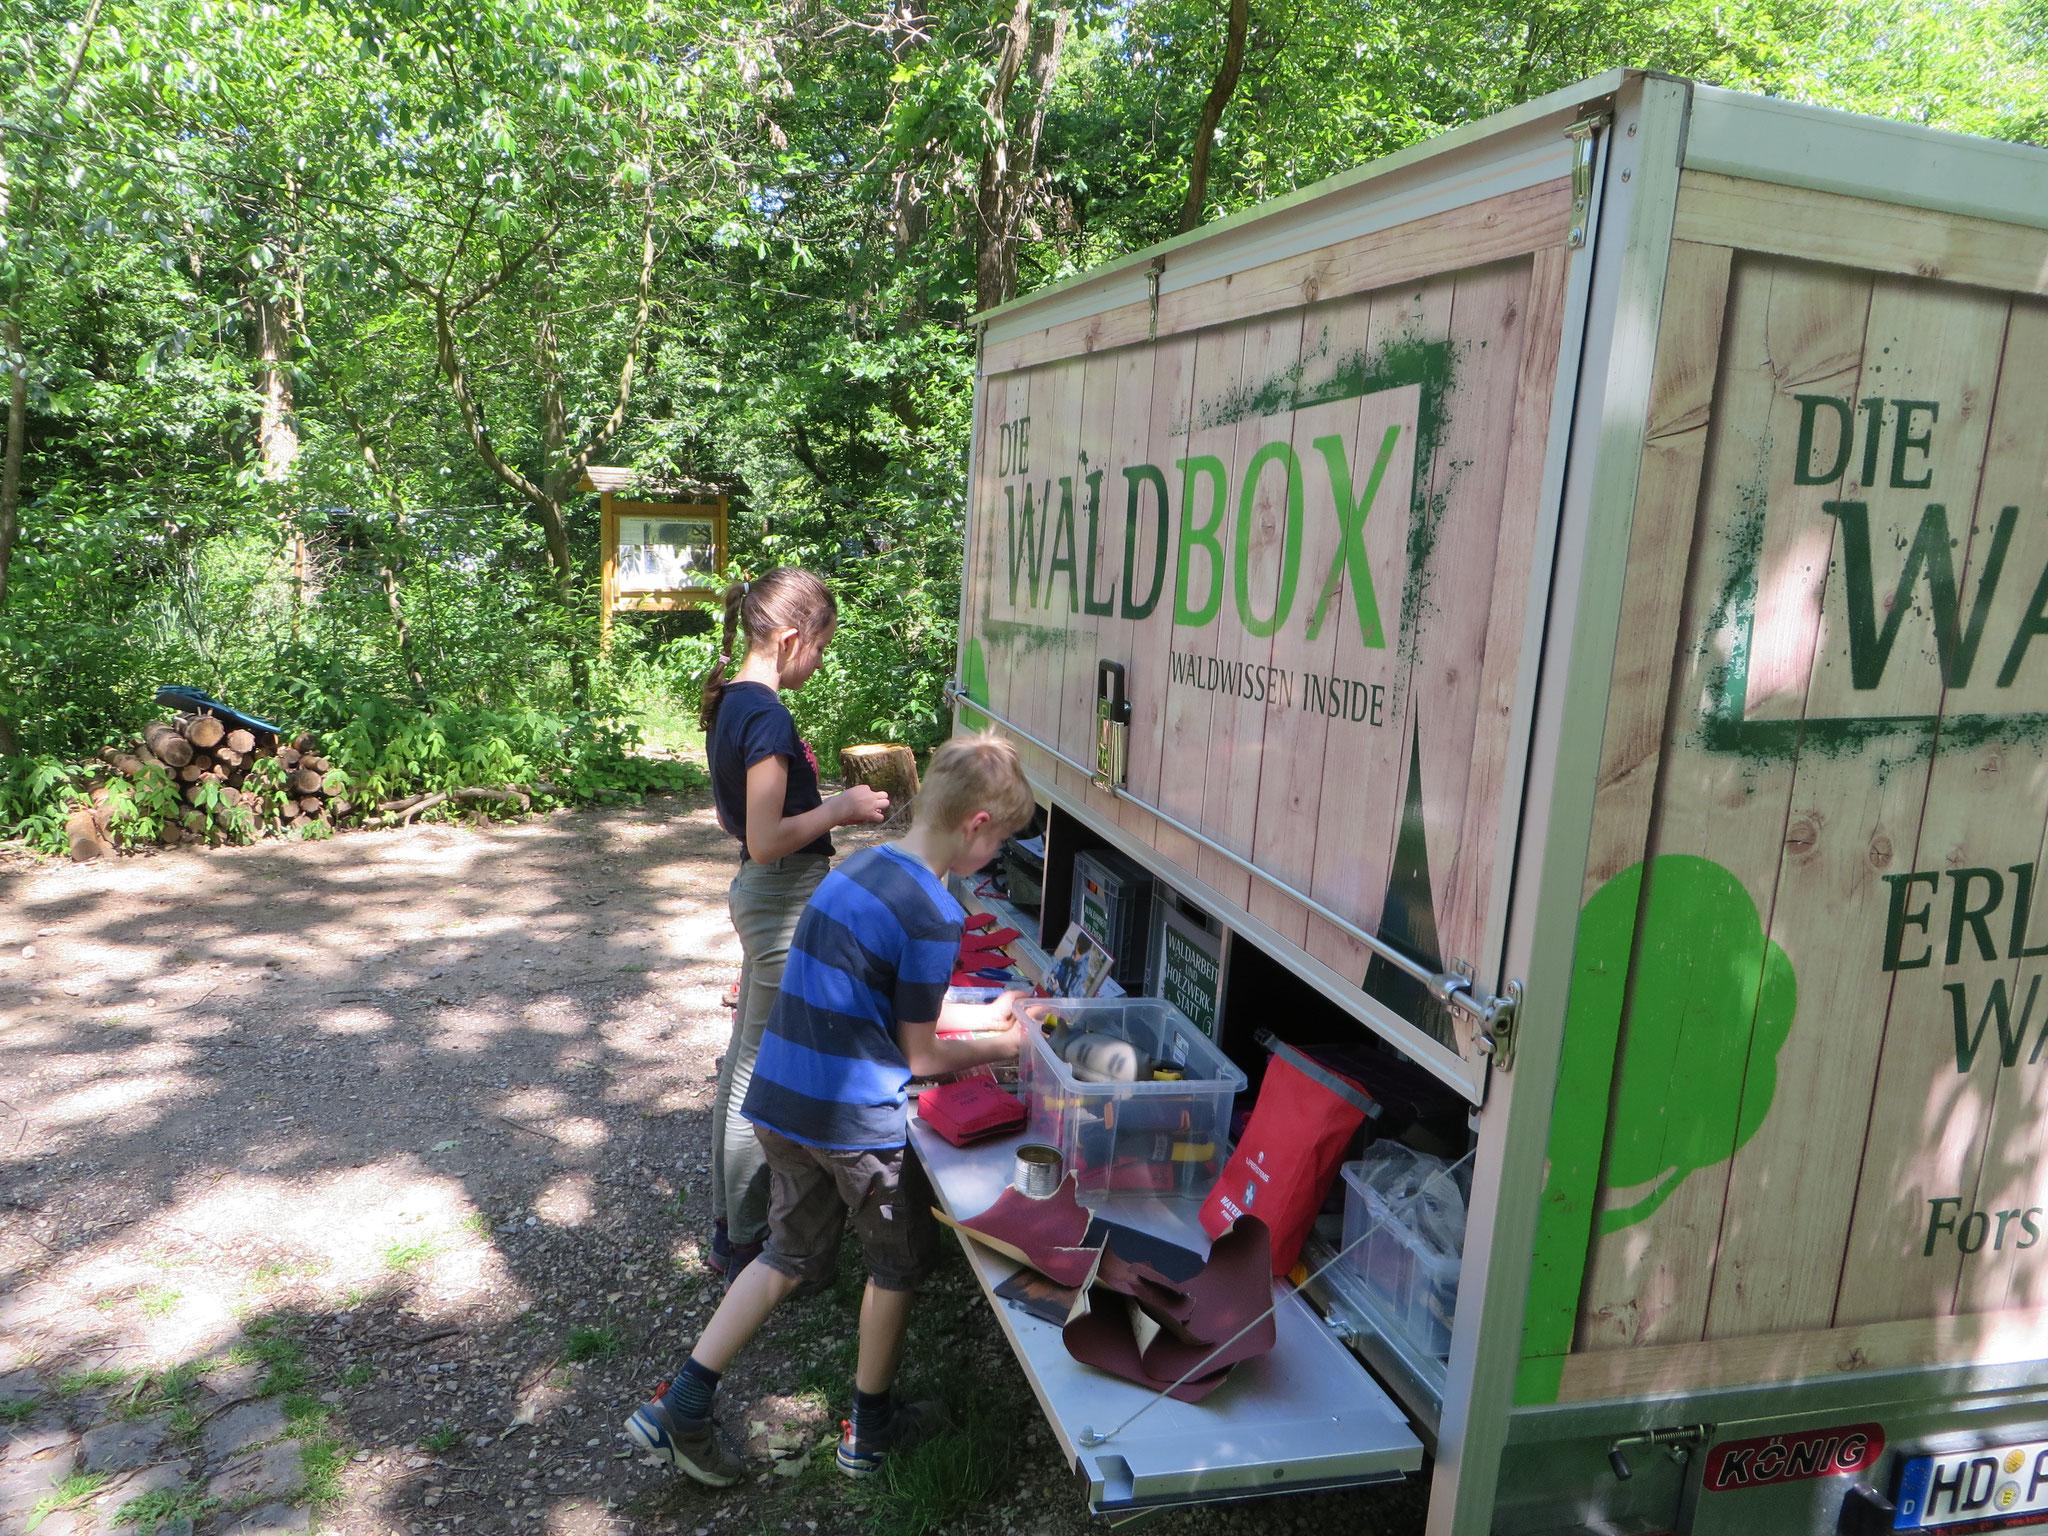 Werkzeuglager auf der Waldbox-Theke.